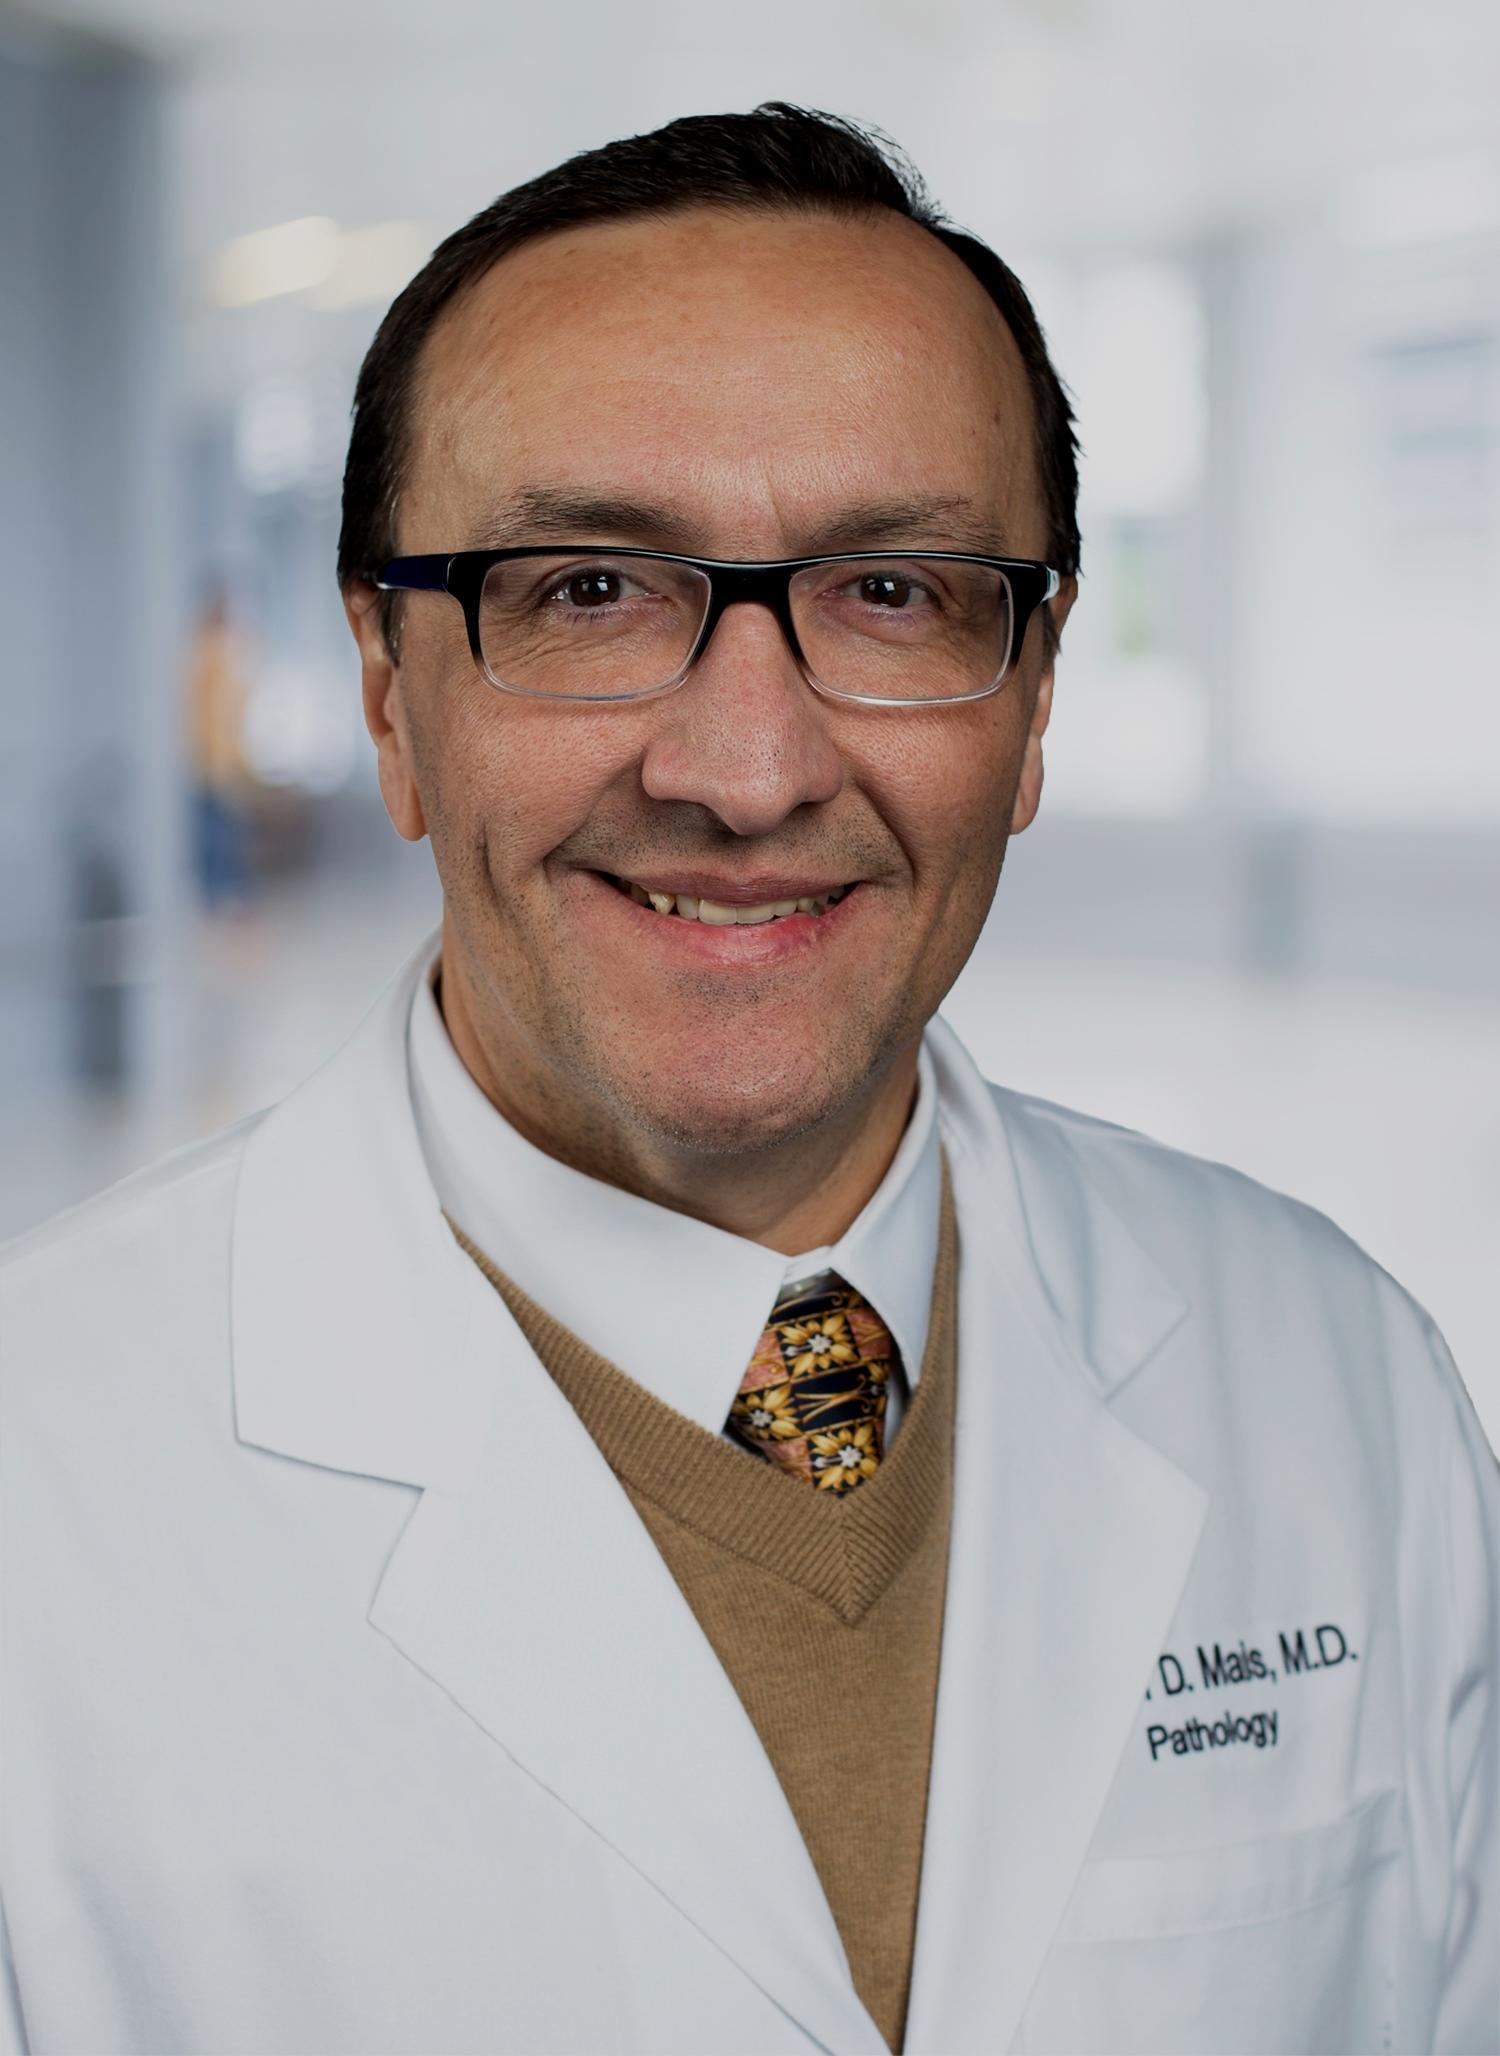 Daniel D. Mais, M.D.